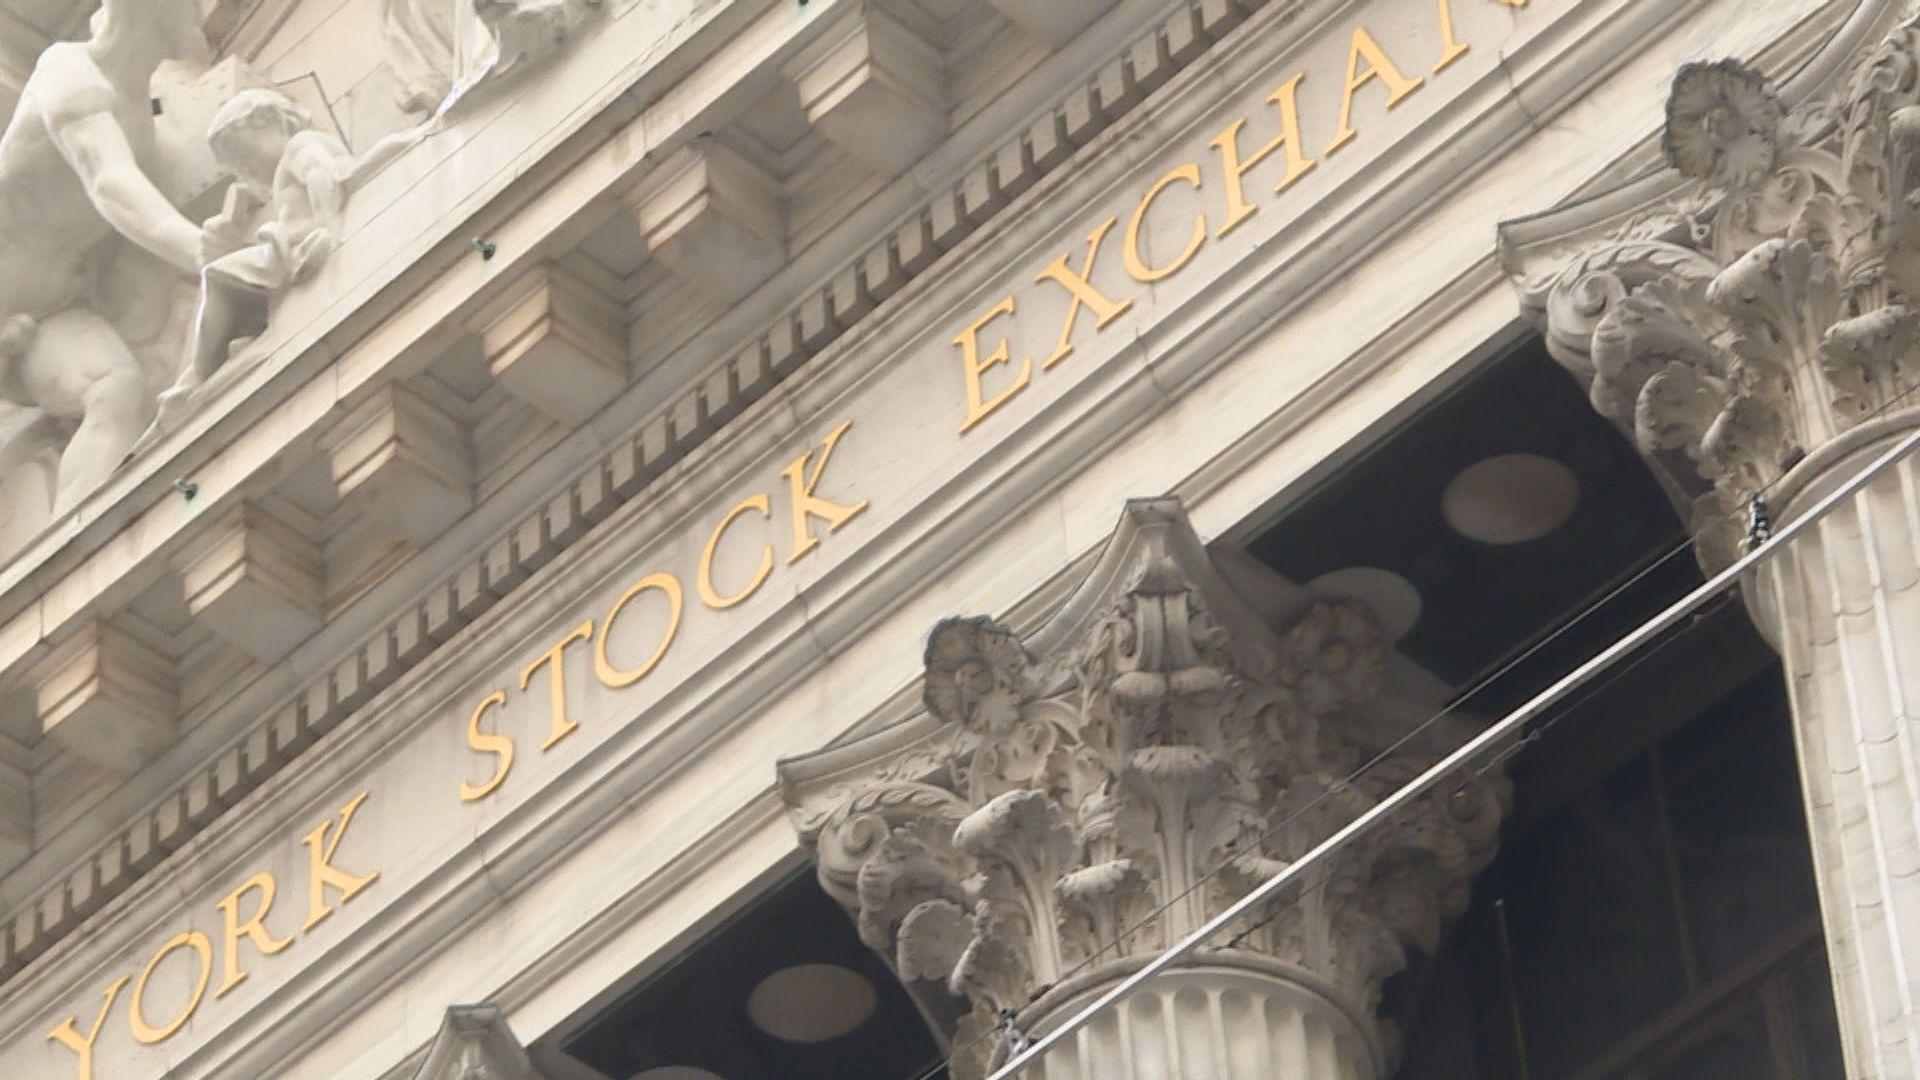 美交會:關注某些股票價格極端波動 調查是否存在不當